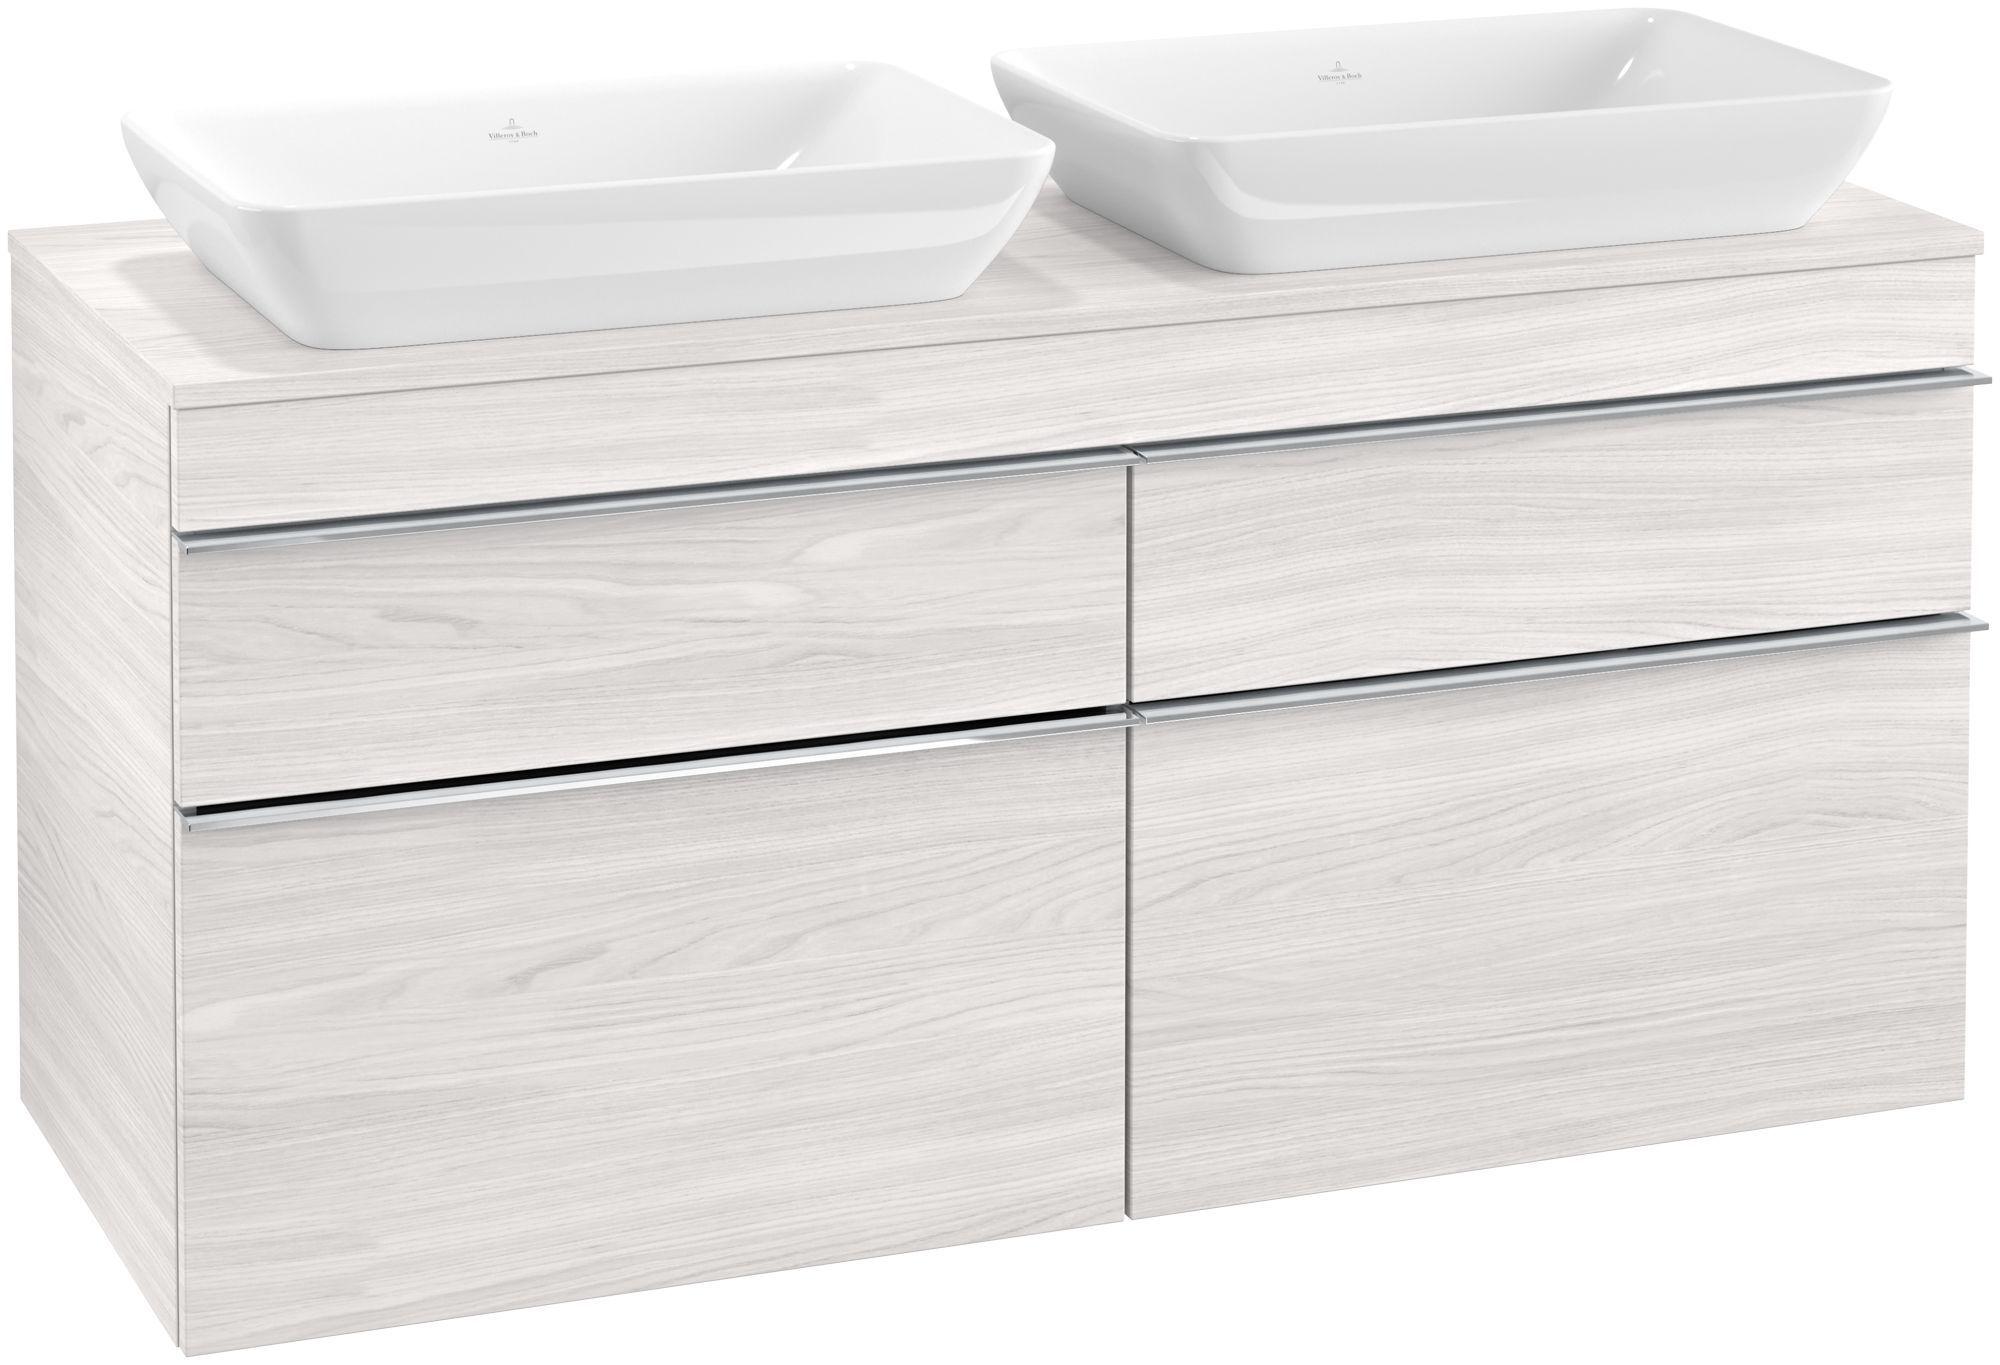 Villeroy & Boch Venticello Waschtischunterschrank für 2 Waschtische 4 Auszüge B:125,7xH:60,6xT:50,2cm white wood Griffe chrom Griffe chrom A94401E8